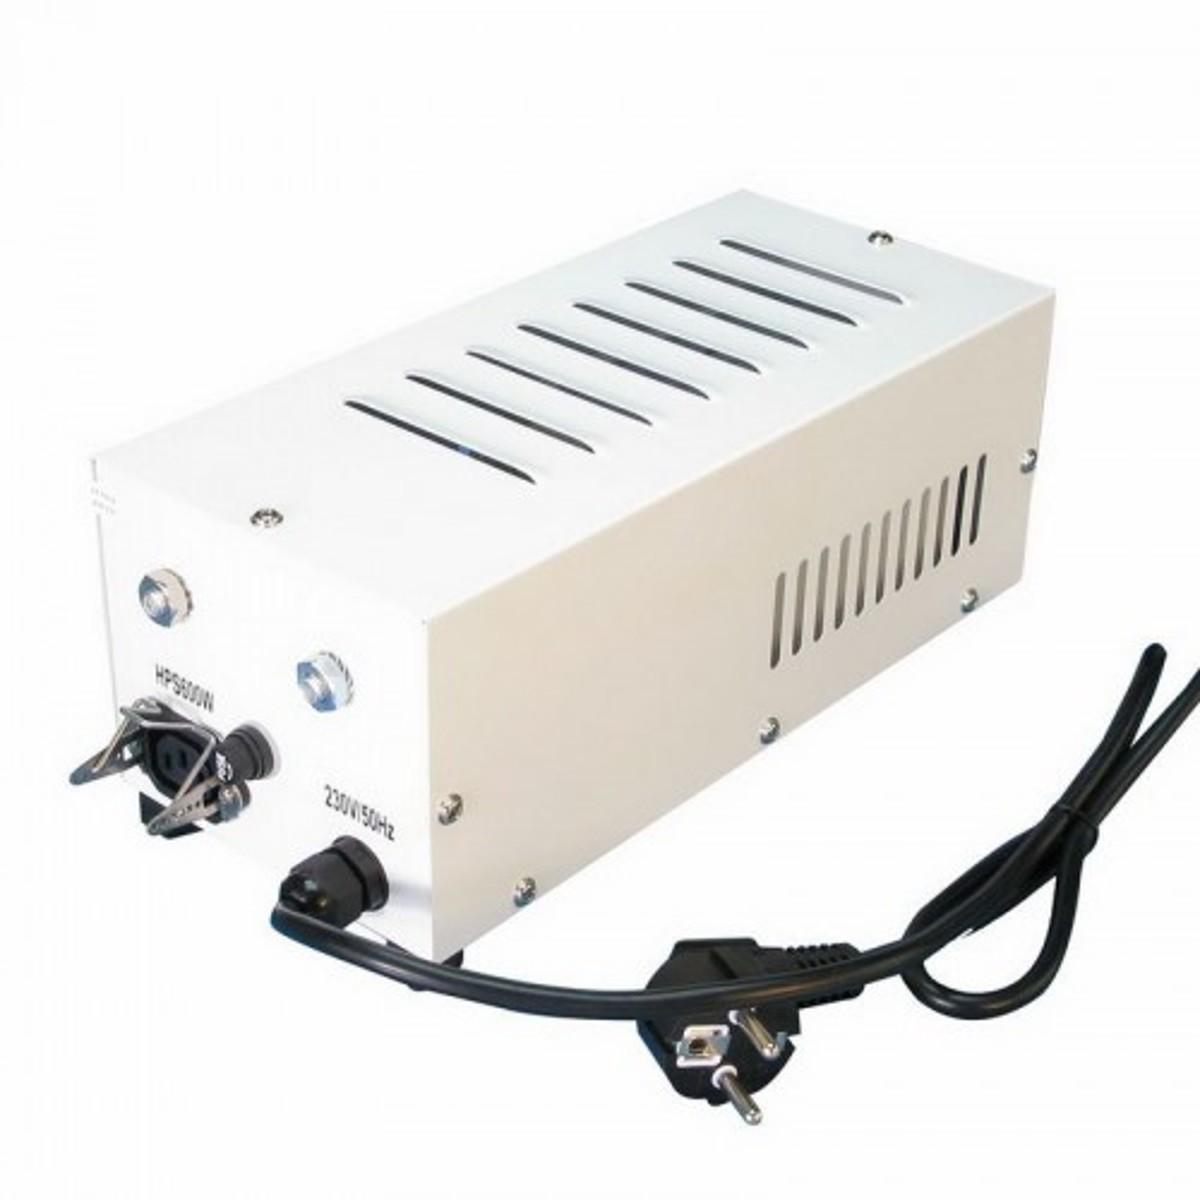 Elektromagnetický předřadník BLT 600W, zaboxovaný, plug and play